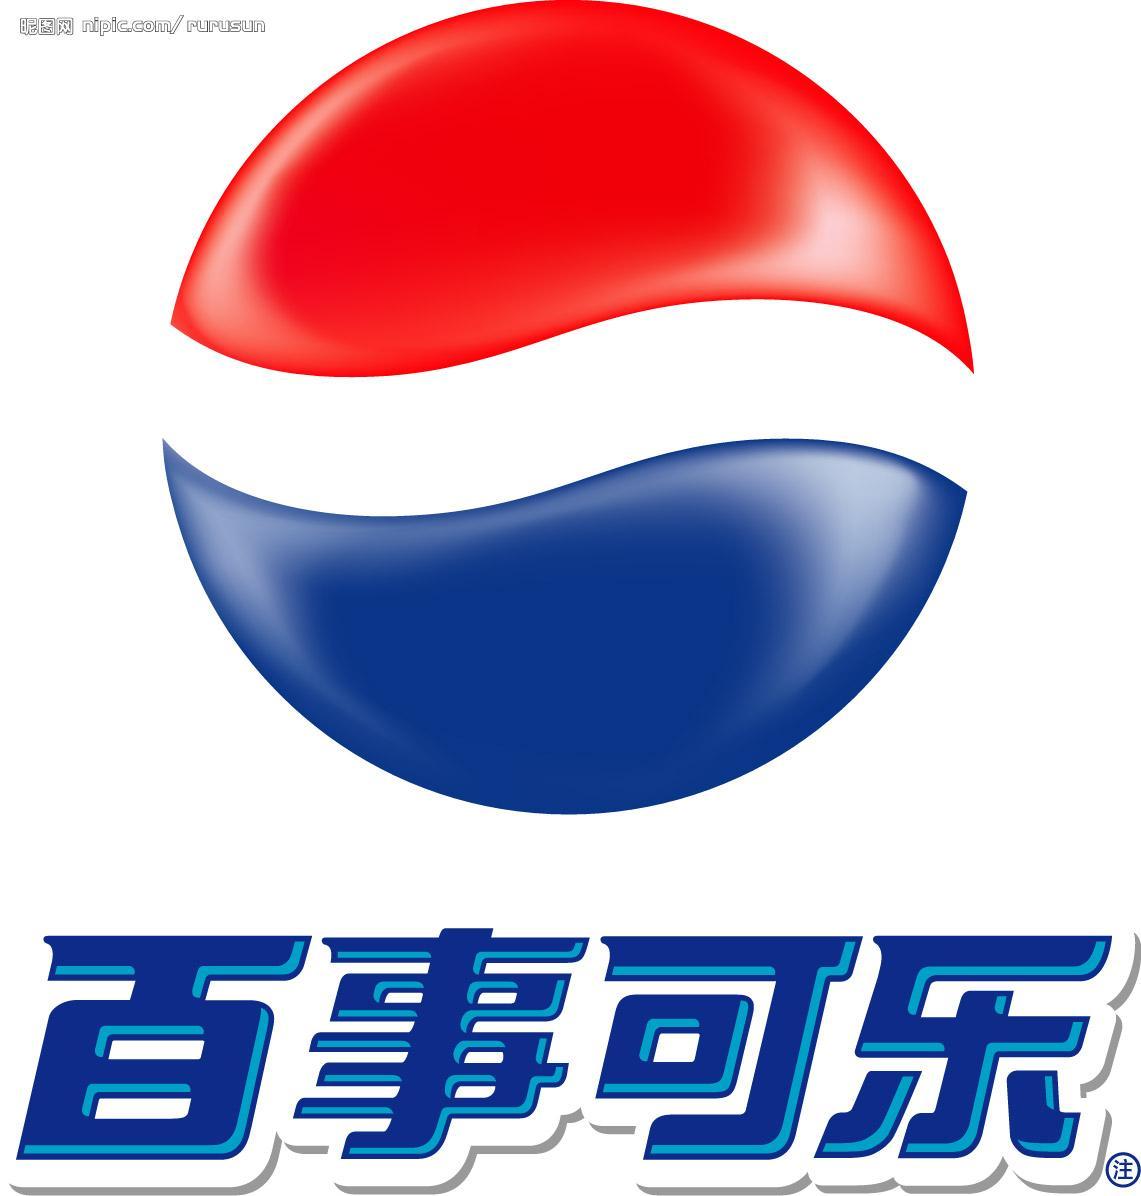 百事可乐logo图片大全_百事可乐logo图片下载